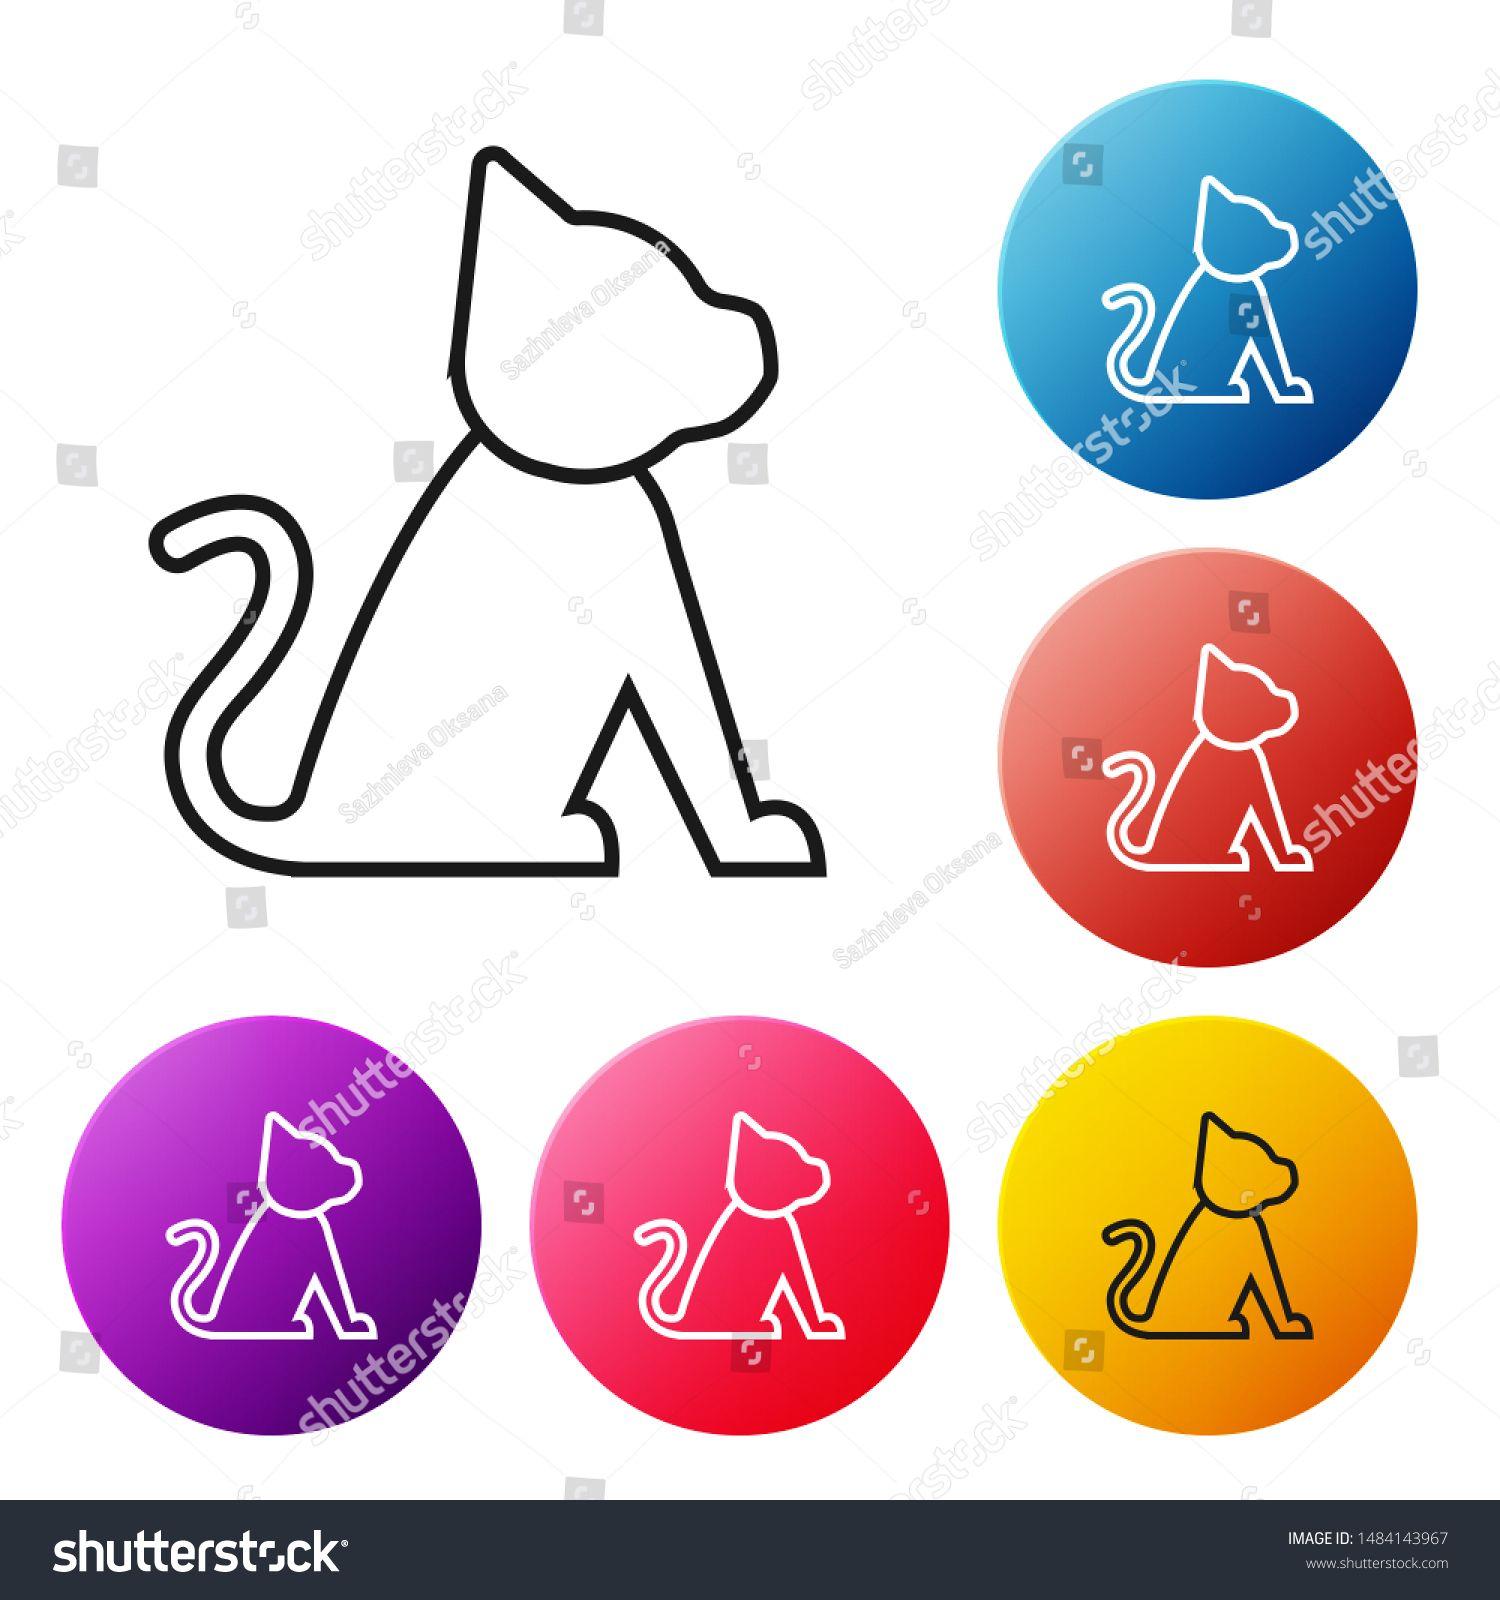 Black line Cat icon isolated on white background. Set